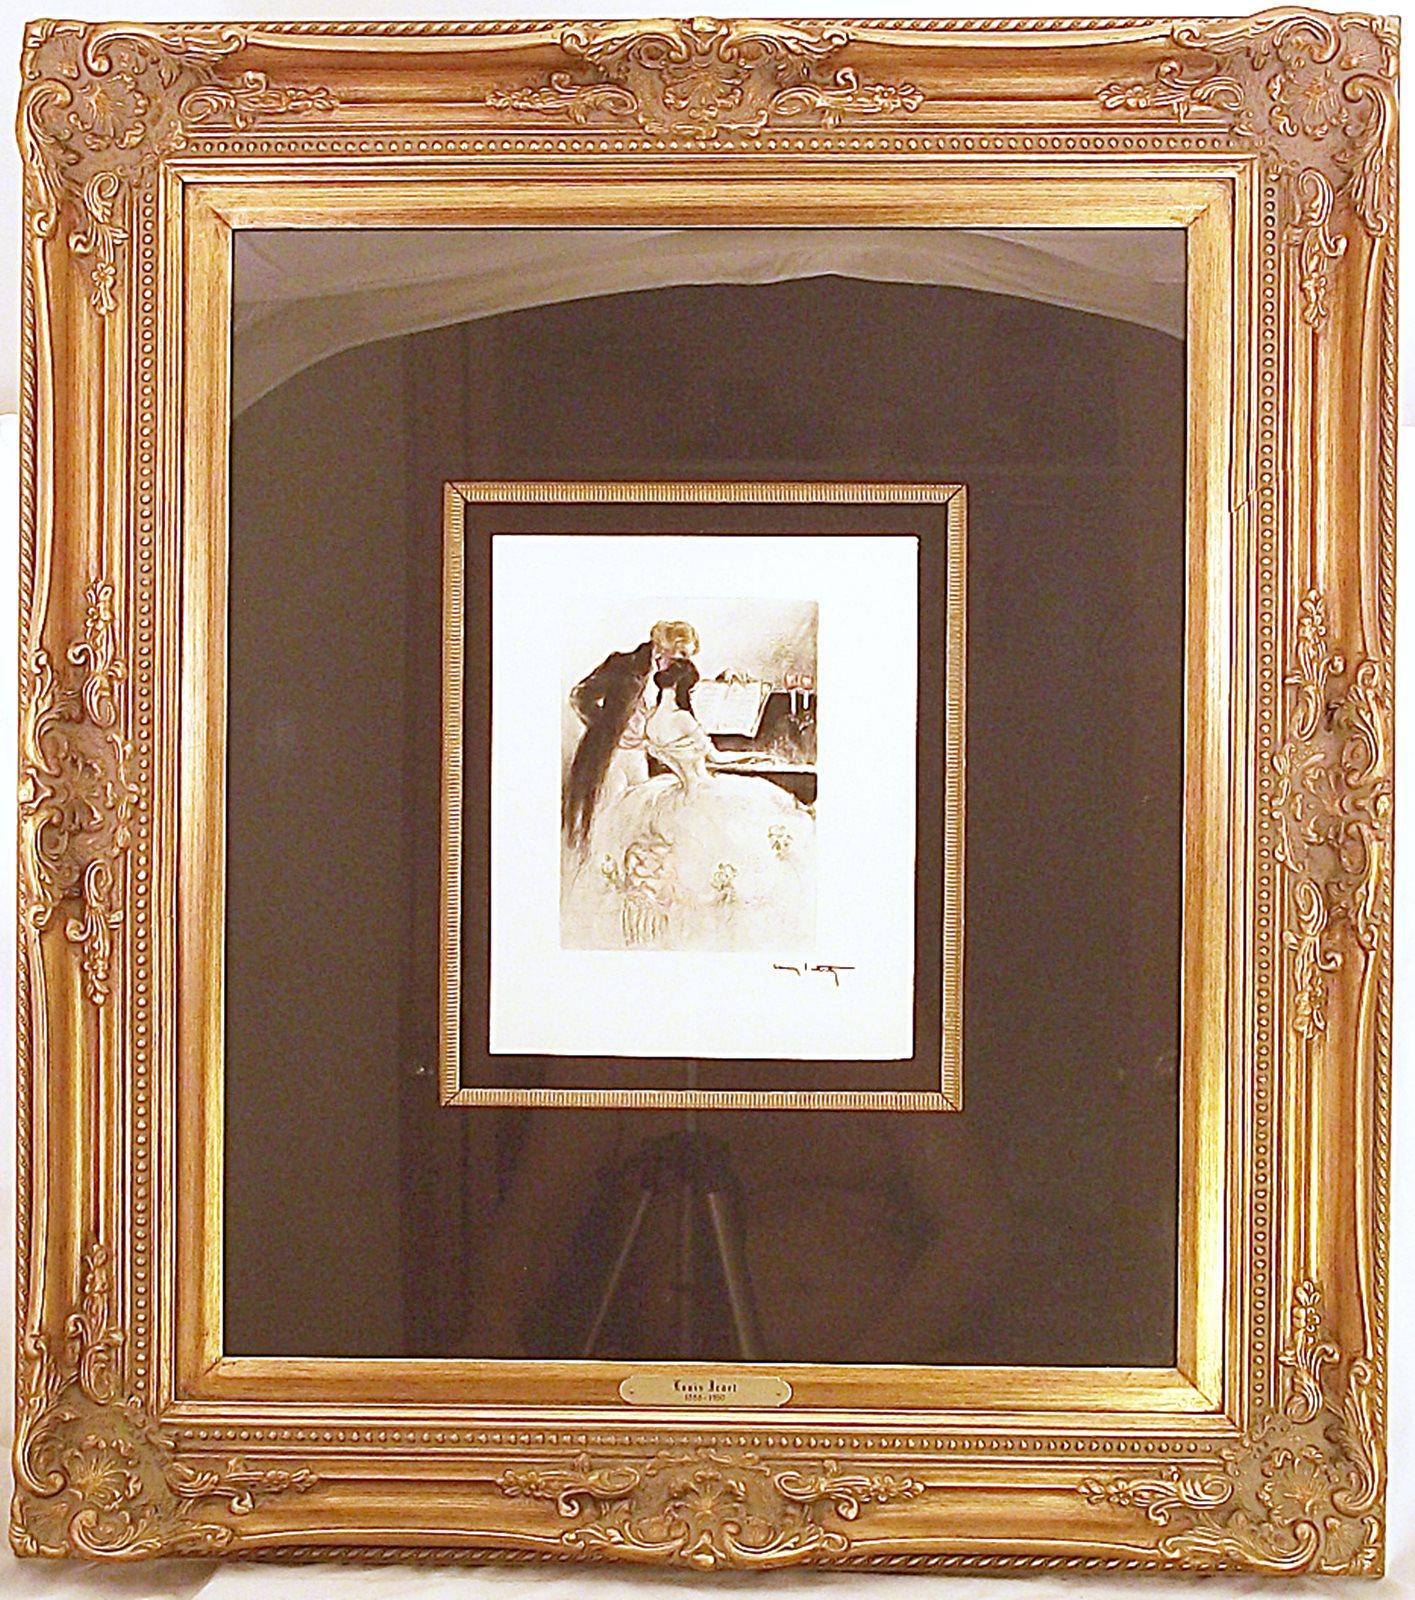 Kari & Larry Sales: Beautifully Framed Louis Icart 1938 Etching ...